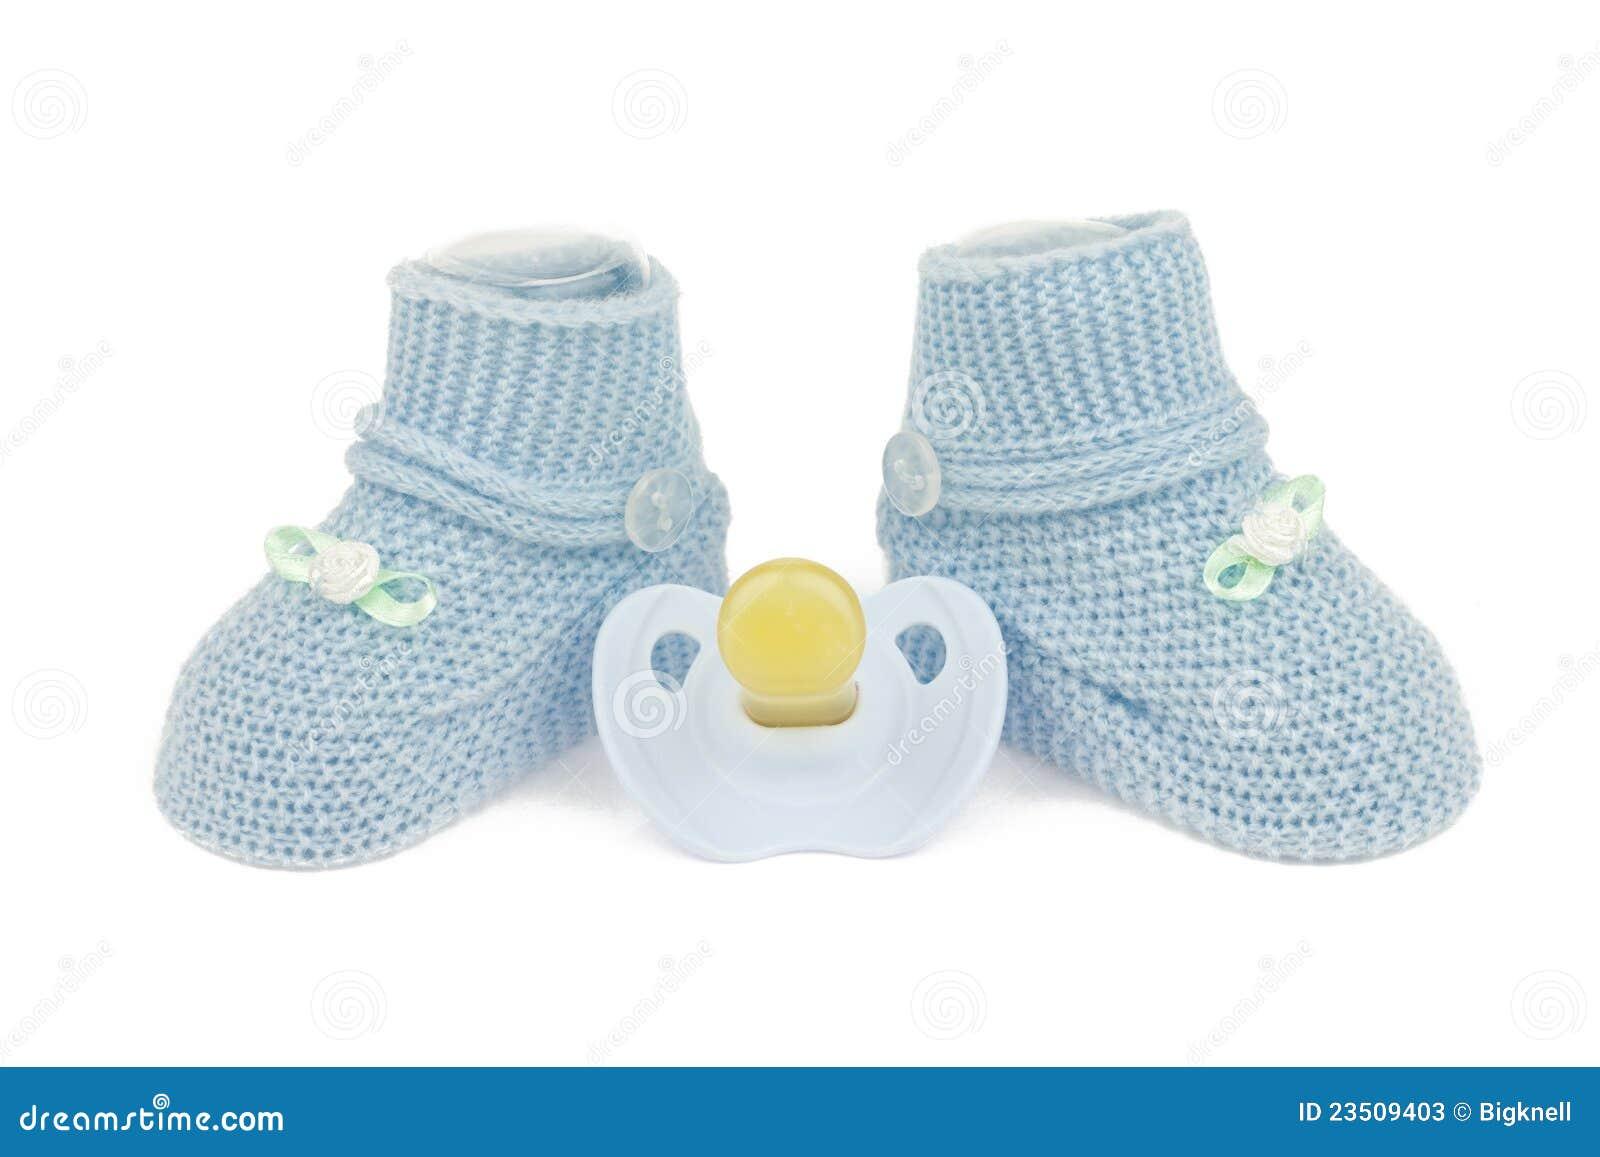 nice shoes 24c70 f01bf Blaue Babyschuhe Und Attrappe Stockbild - Bild von blau ...